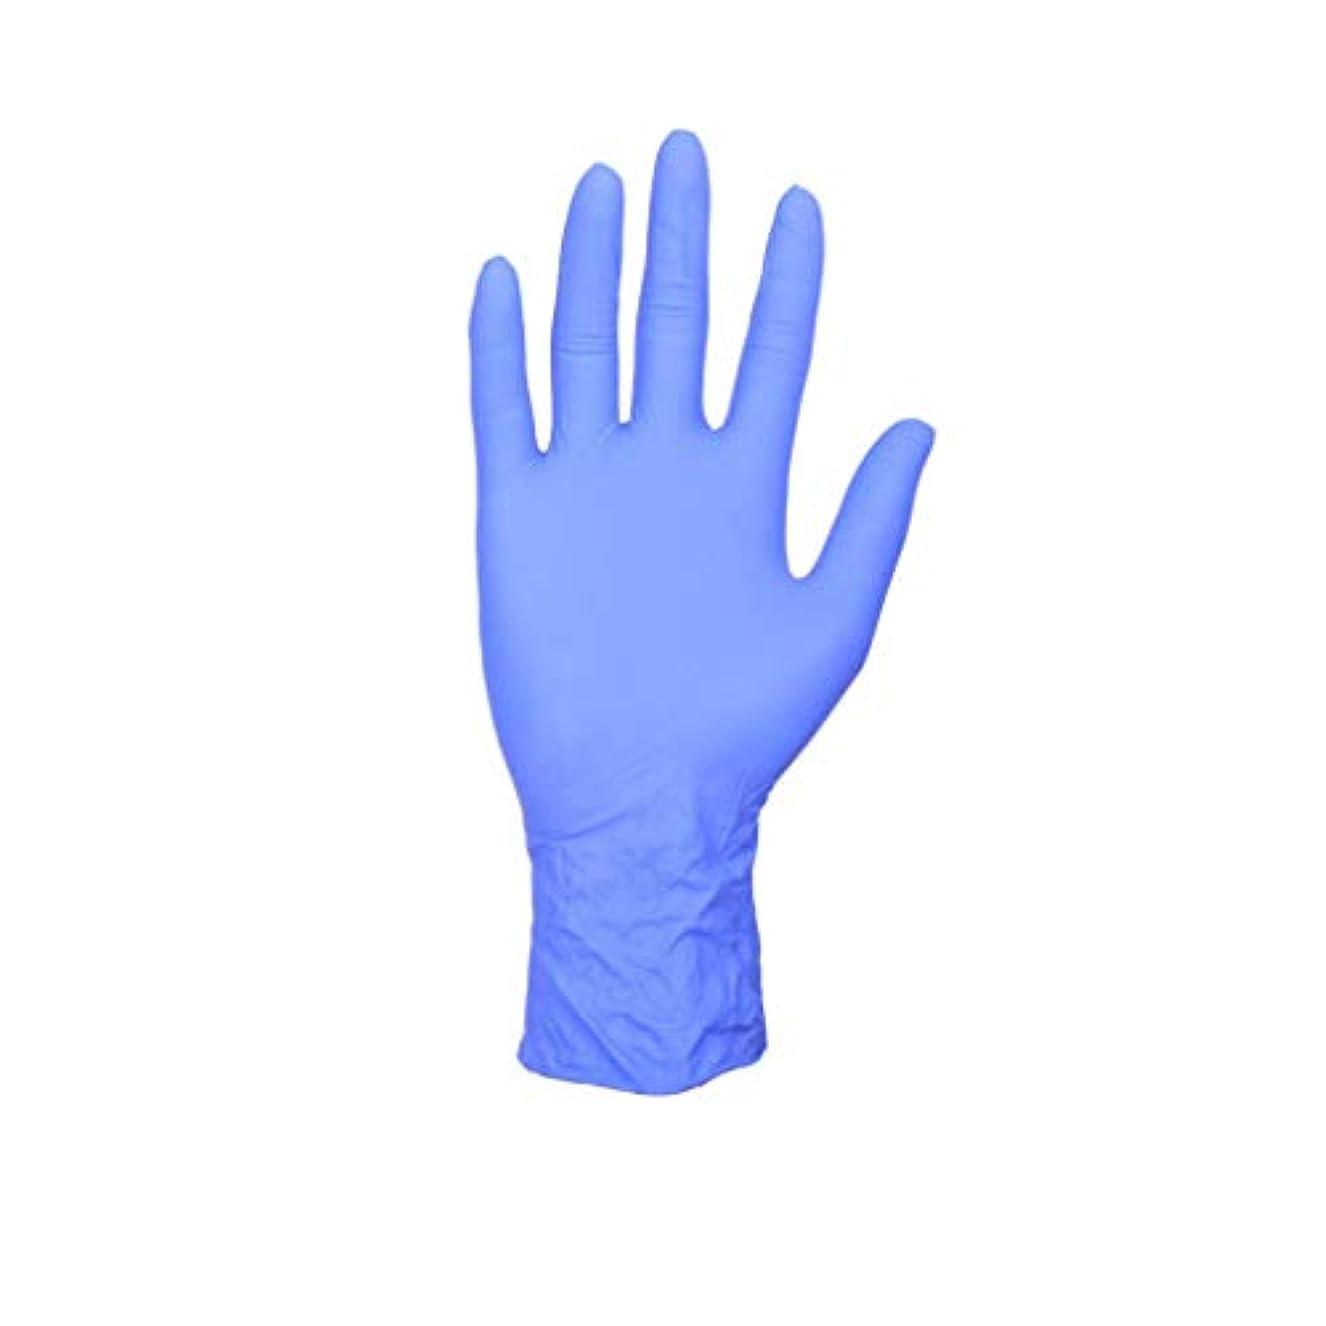 無礼に十分薬理学手袋、使い捨てゴム手袋、検査、丁清手袋、油と静電気防止手袋、ラテックス手袋100ペア。 (サイズ さいず : L l, UnitCount : 100 pairs)